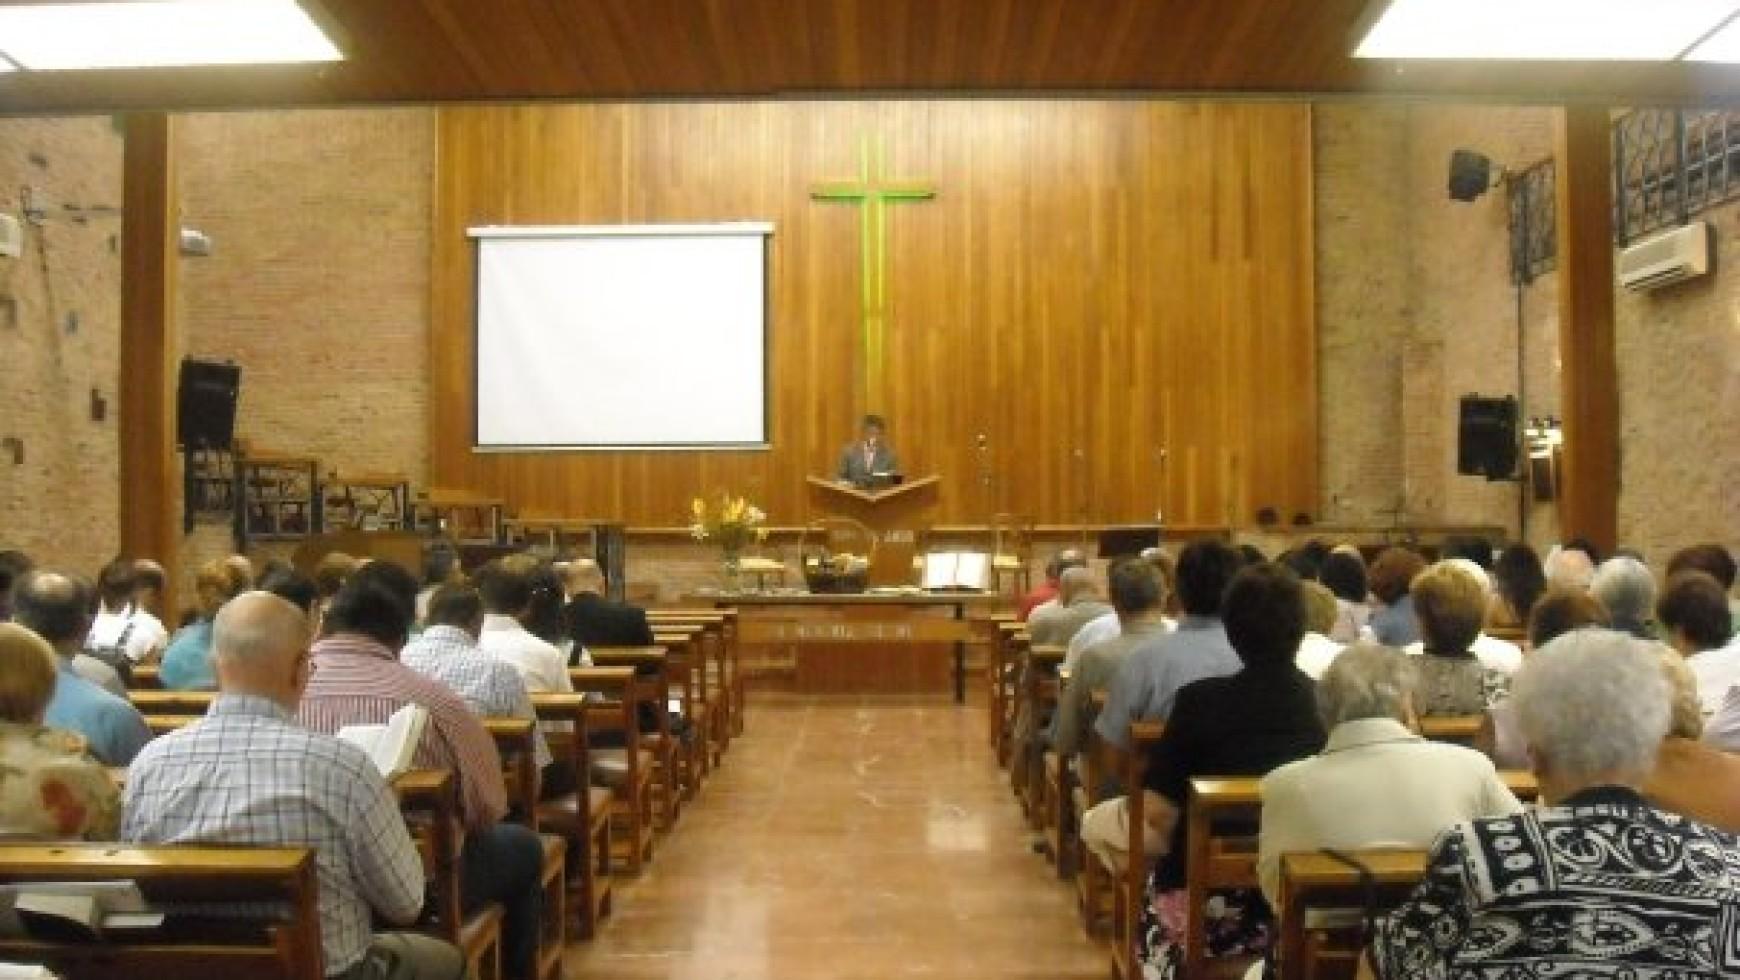 Predicacion: La iglesia, la patria definitiva (11/03/2012)